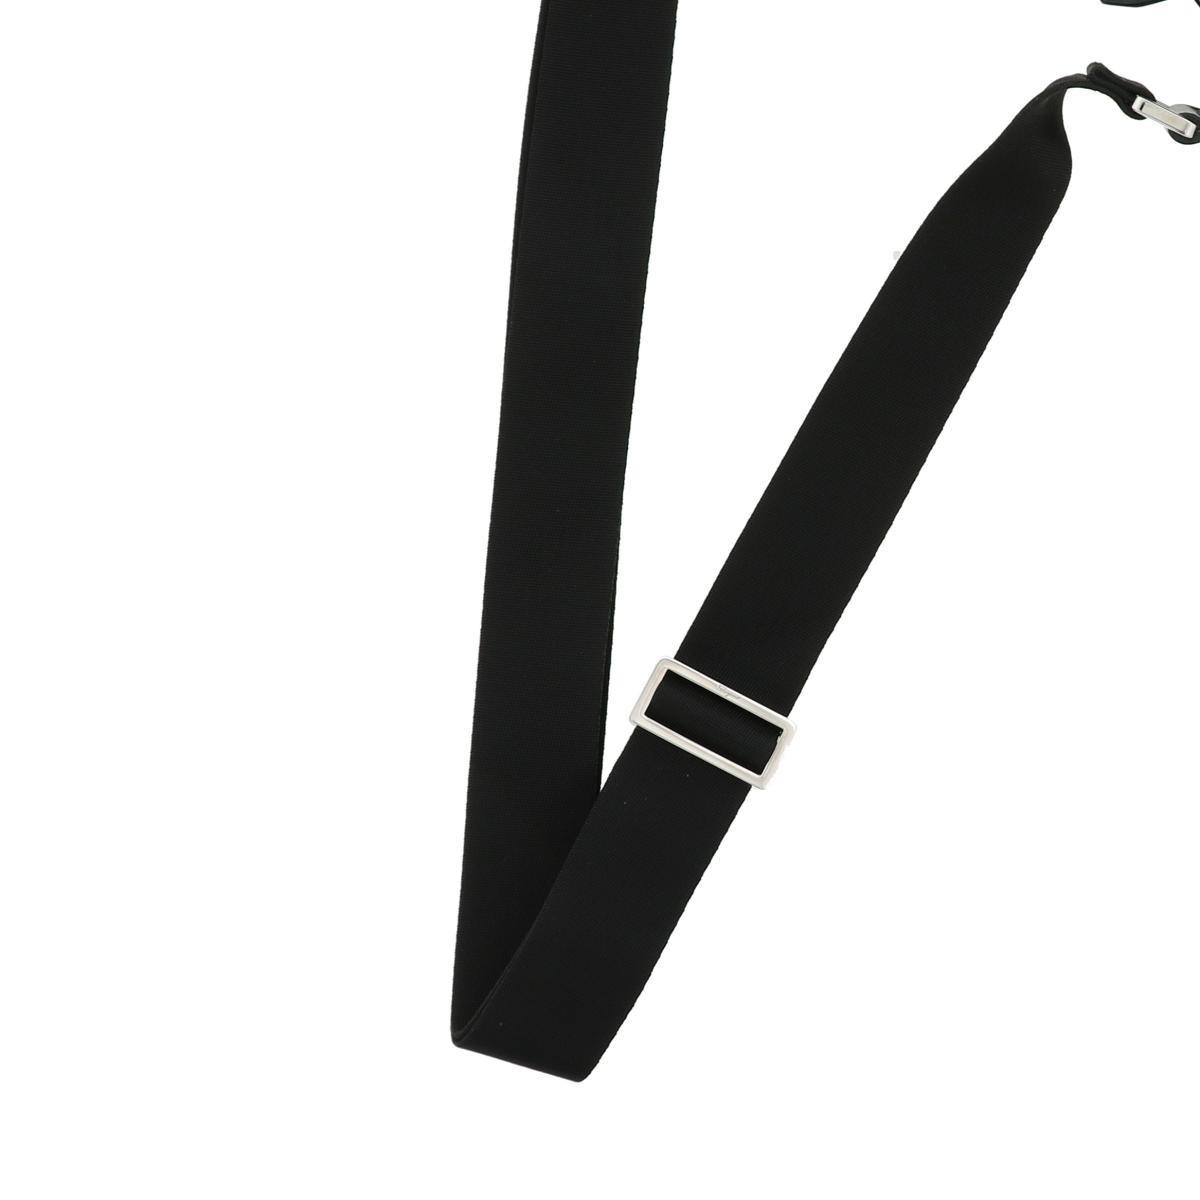 【中古】 Salvatore Ferragamo (サルバトーレフェラガモ) ショルダーバッグ バッグ ショルダー/メッセンジャーバッグ  Navy FB-240866 unused:S